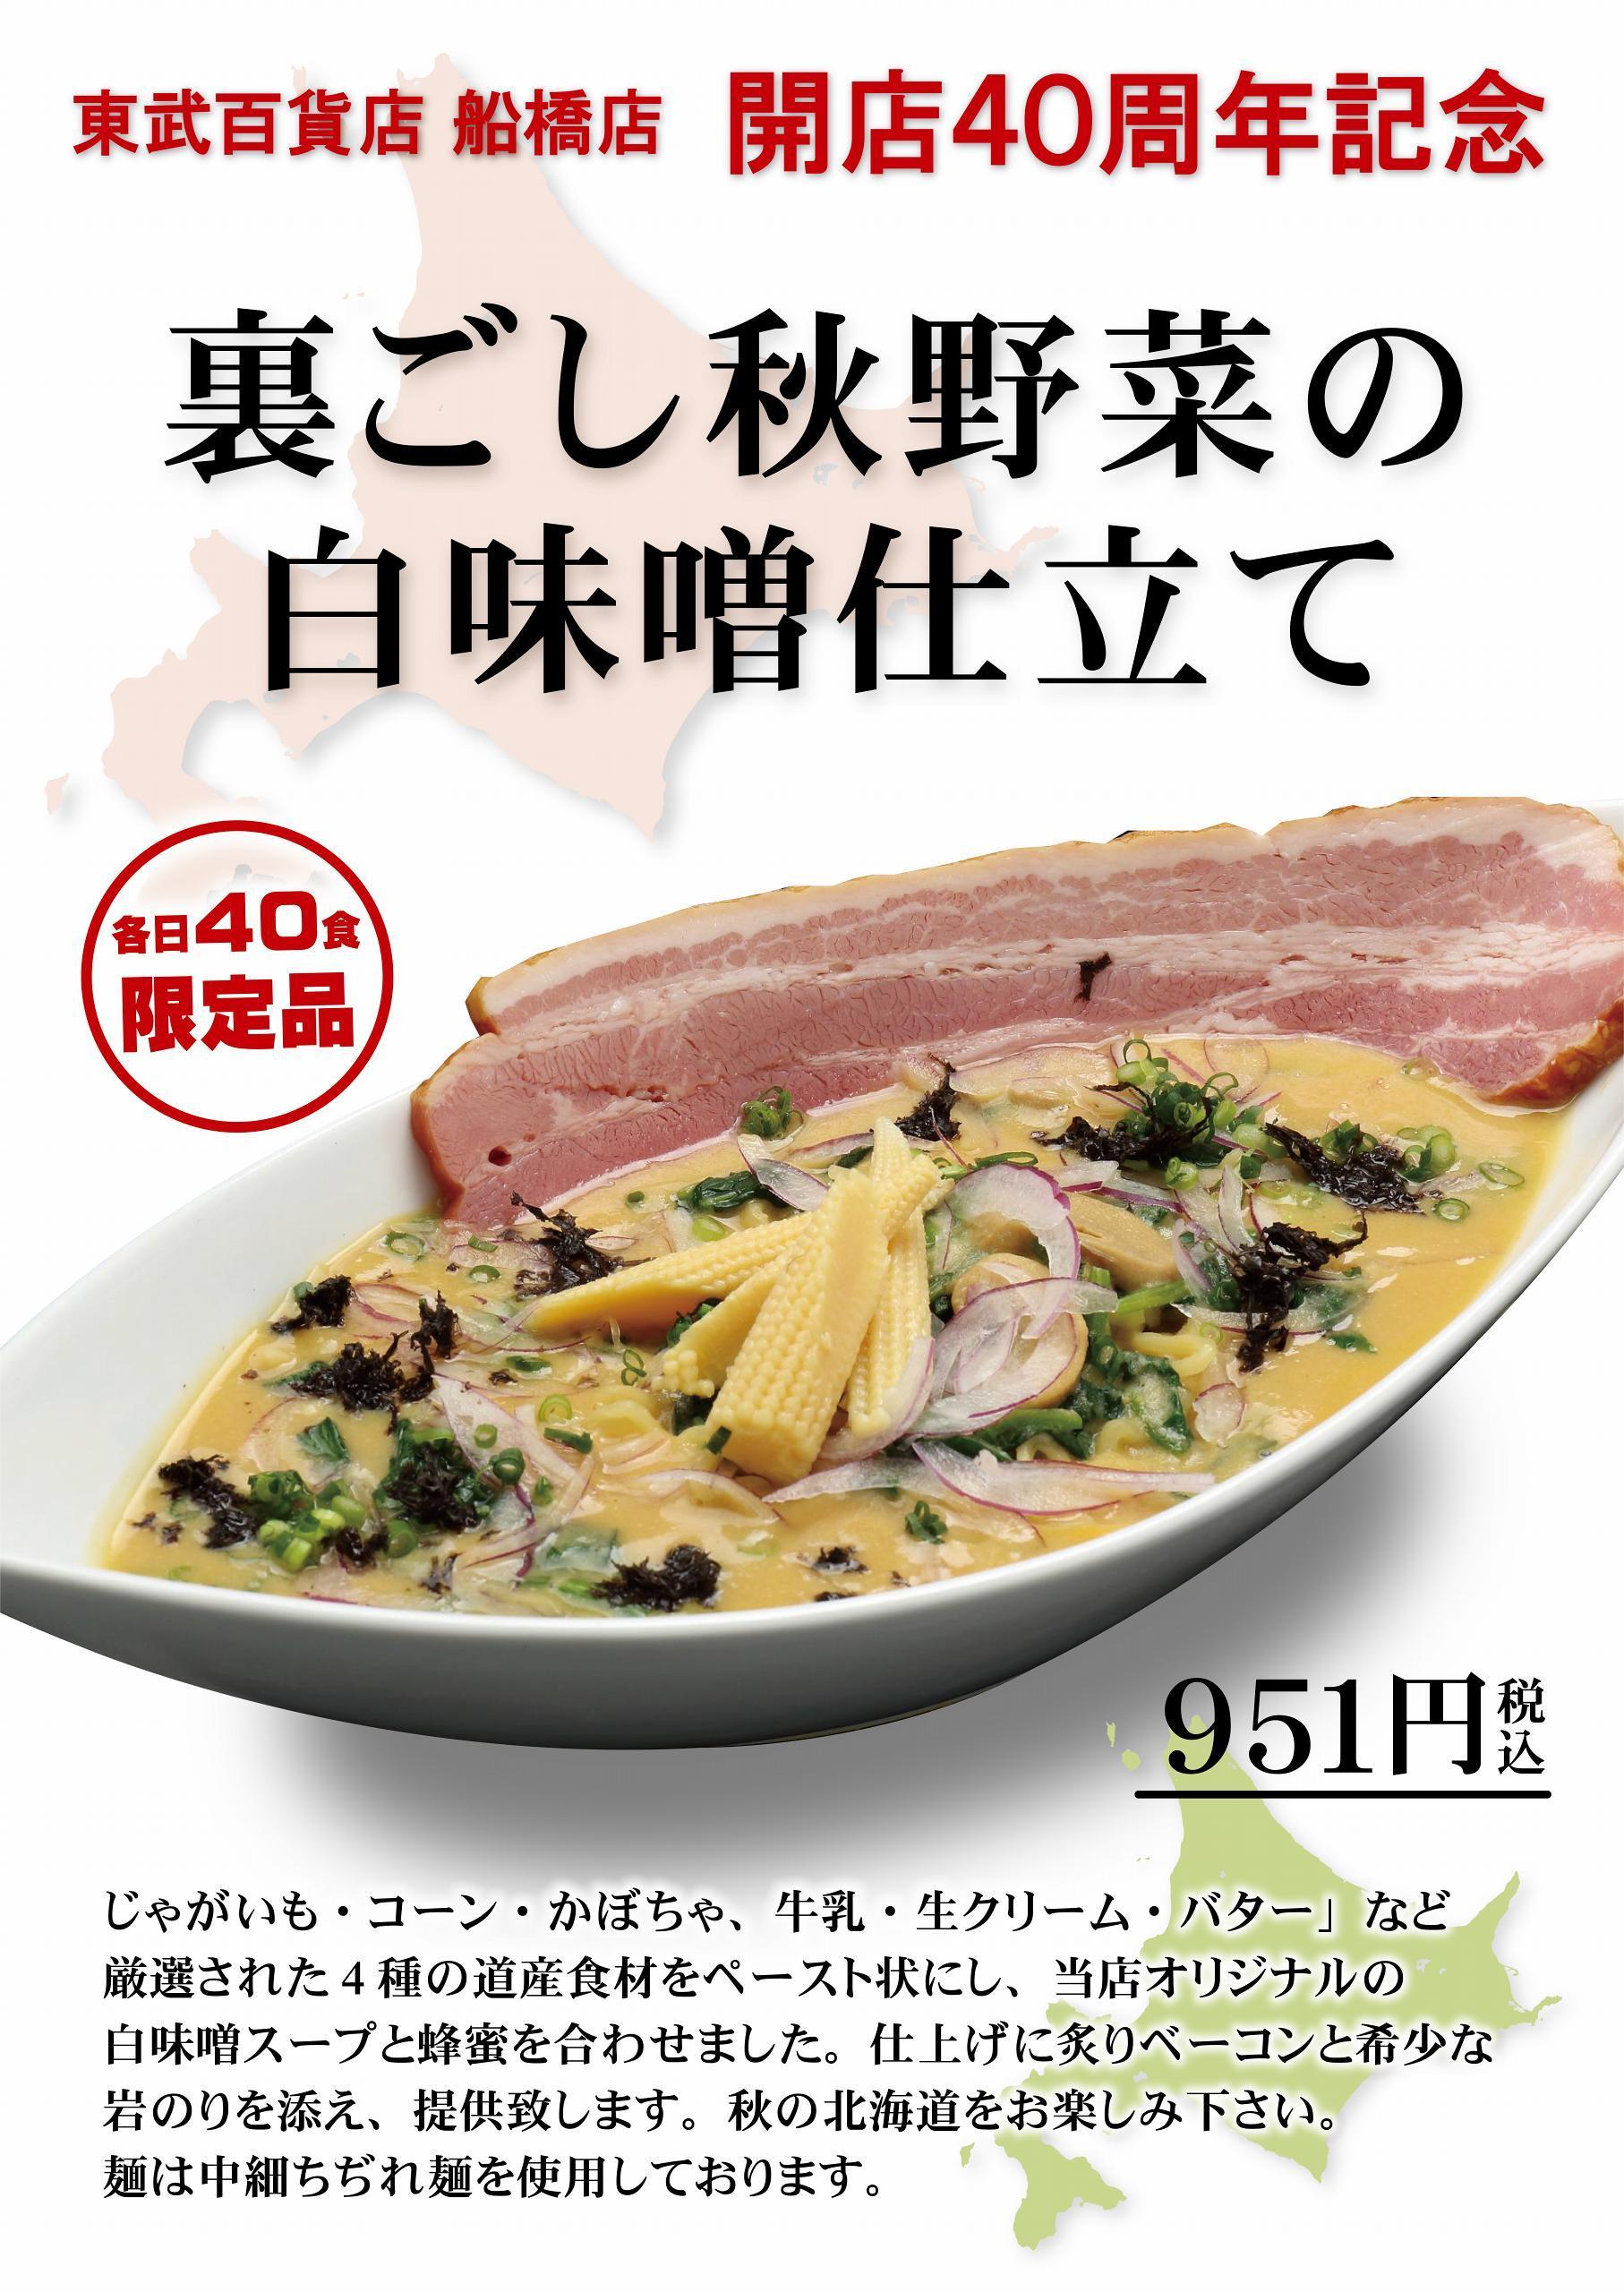 北海道物産展情報_f0186373_11561535.jpg